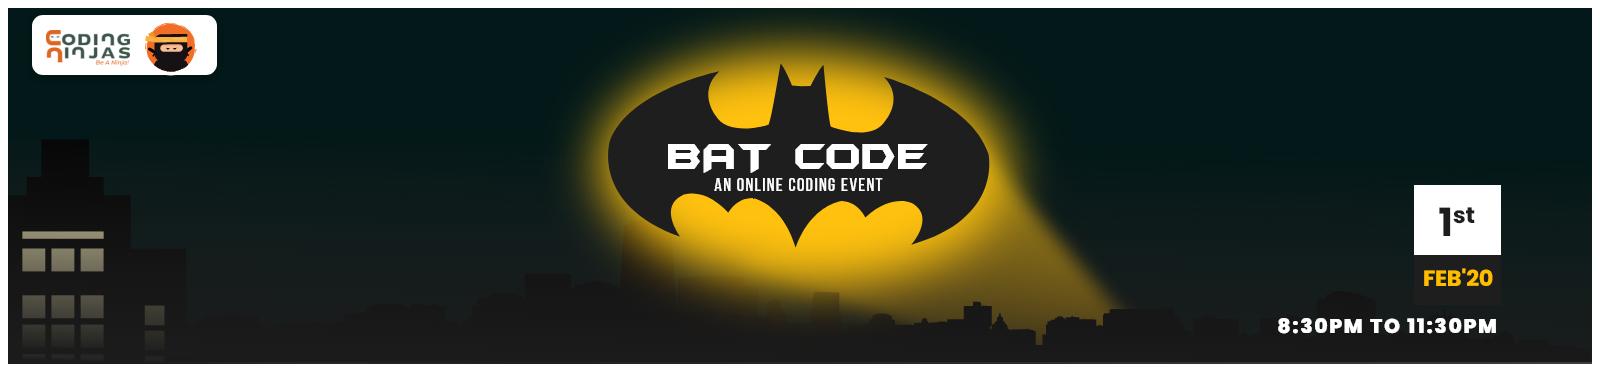 Bat Code